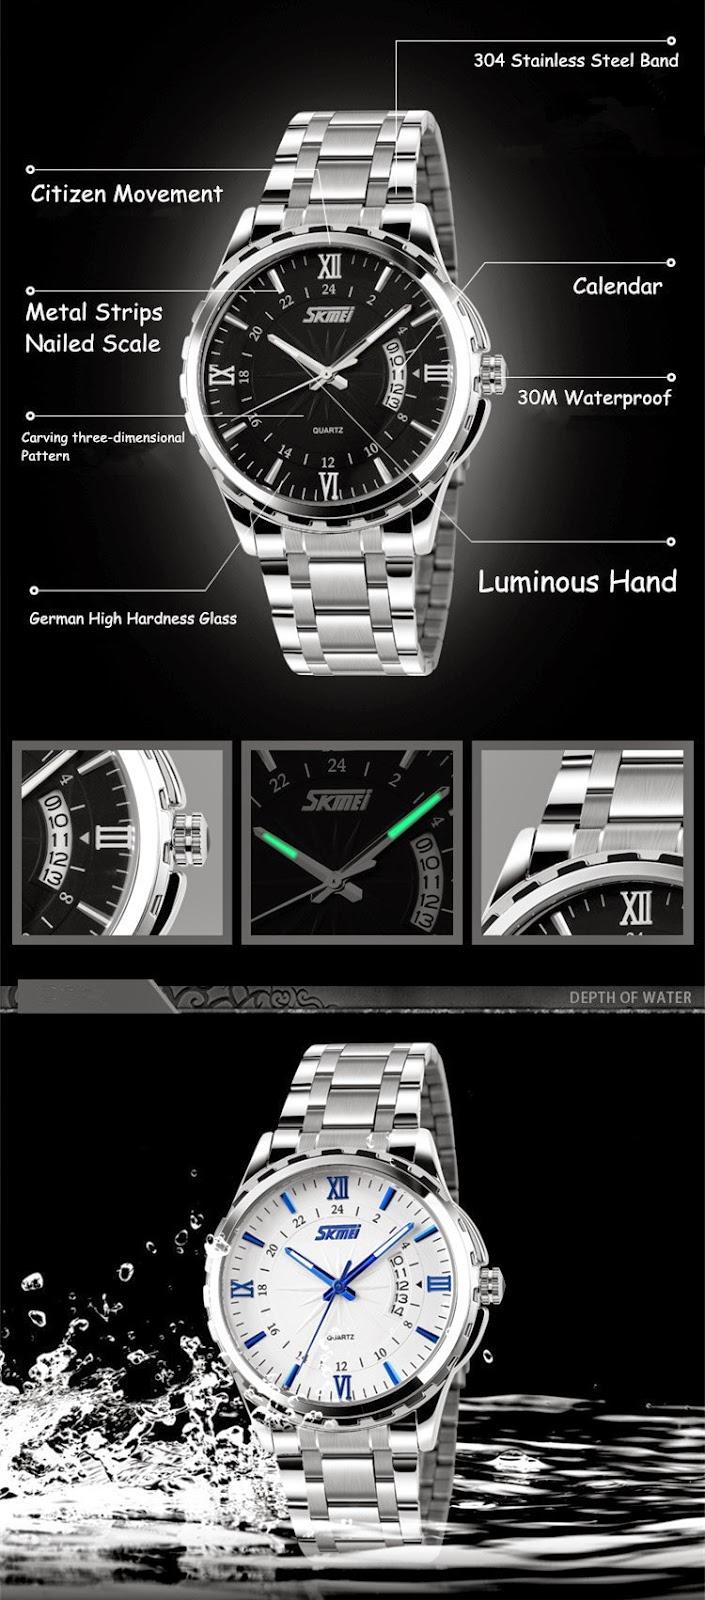 Đặc tính đồng hồ skmei 9069